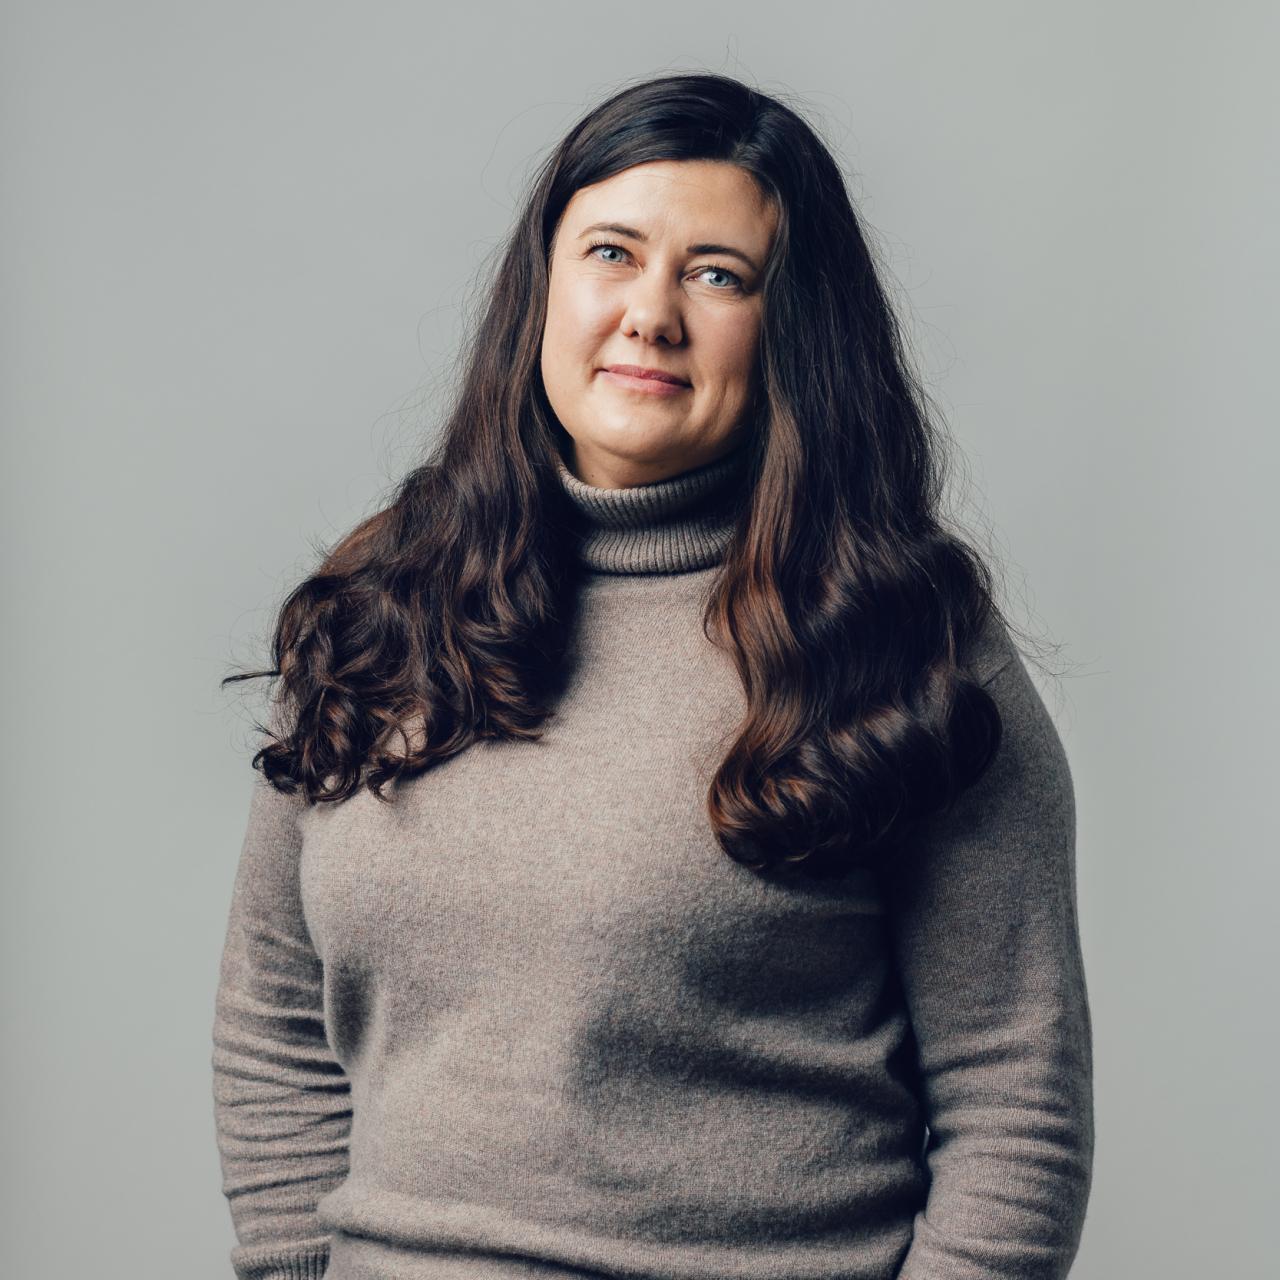 Jenny Fredricsdotter